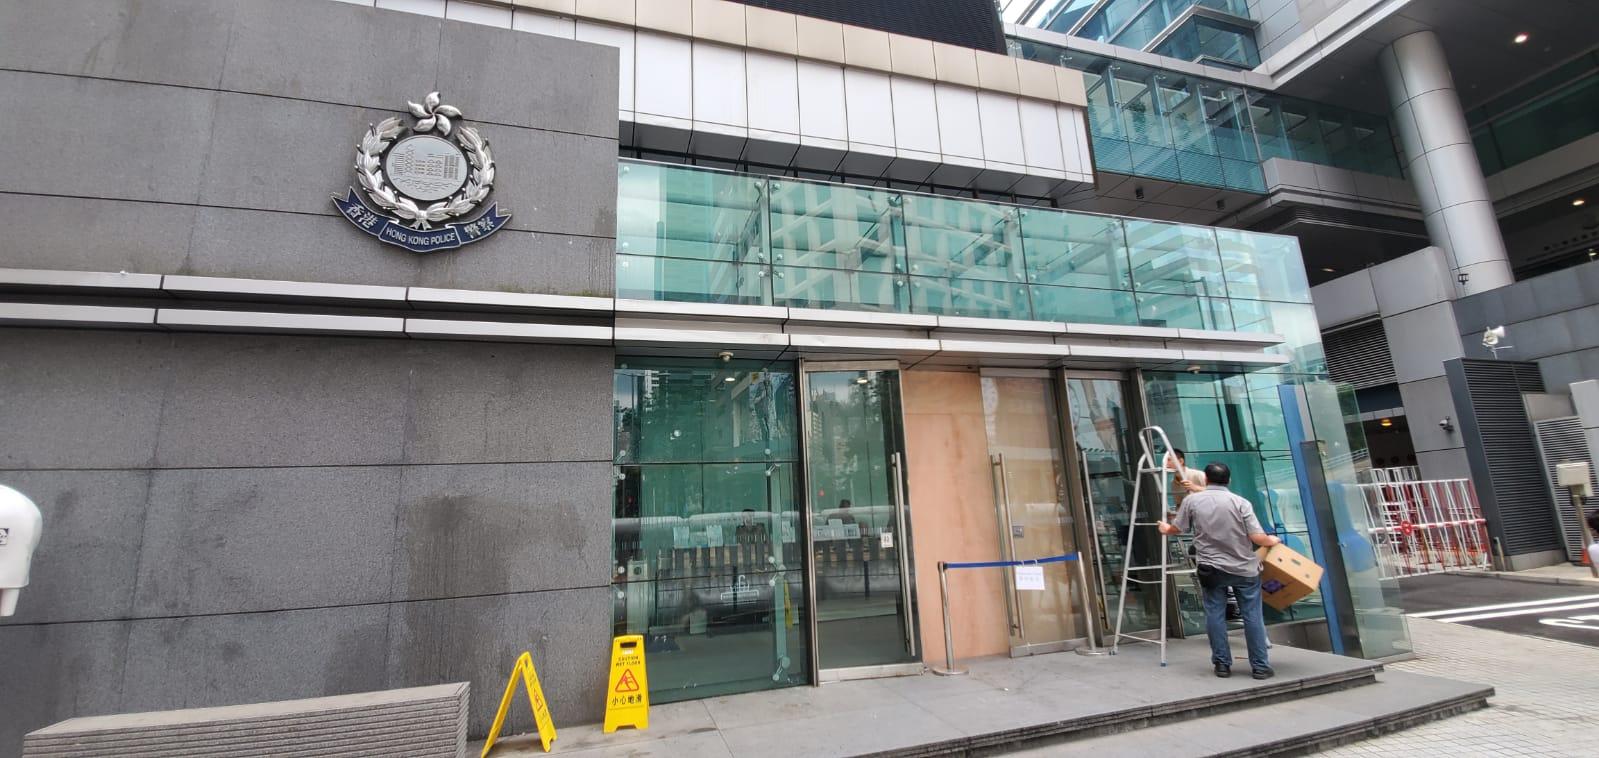 警總軍器廠街入口有玻璃門被擊碎,工人到場維修。 楊偉亨攝